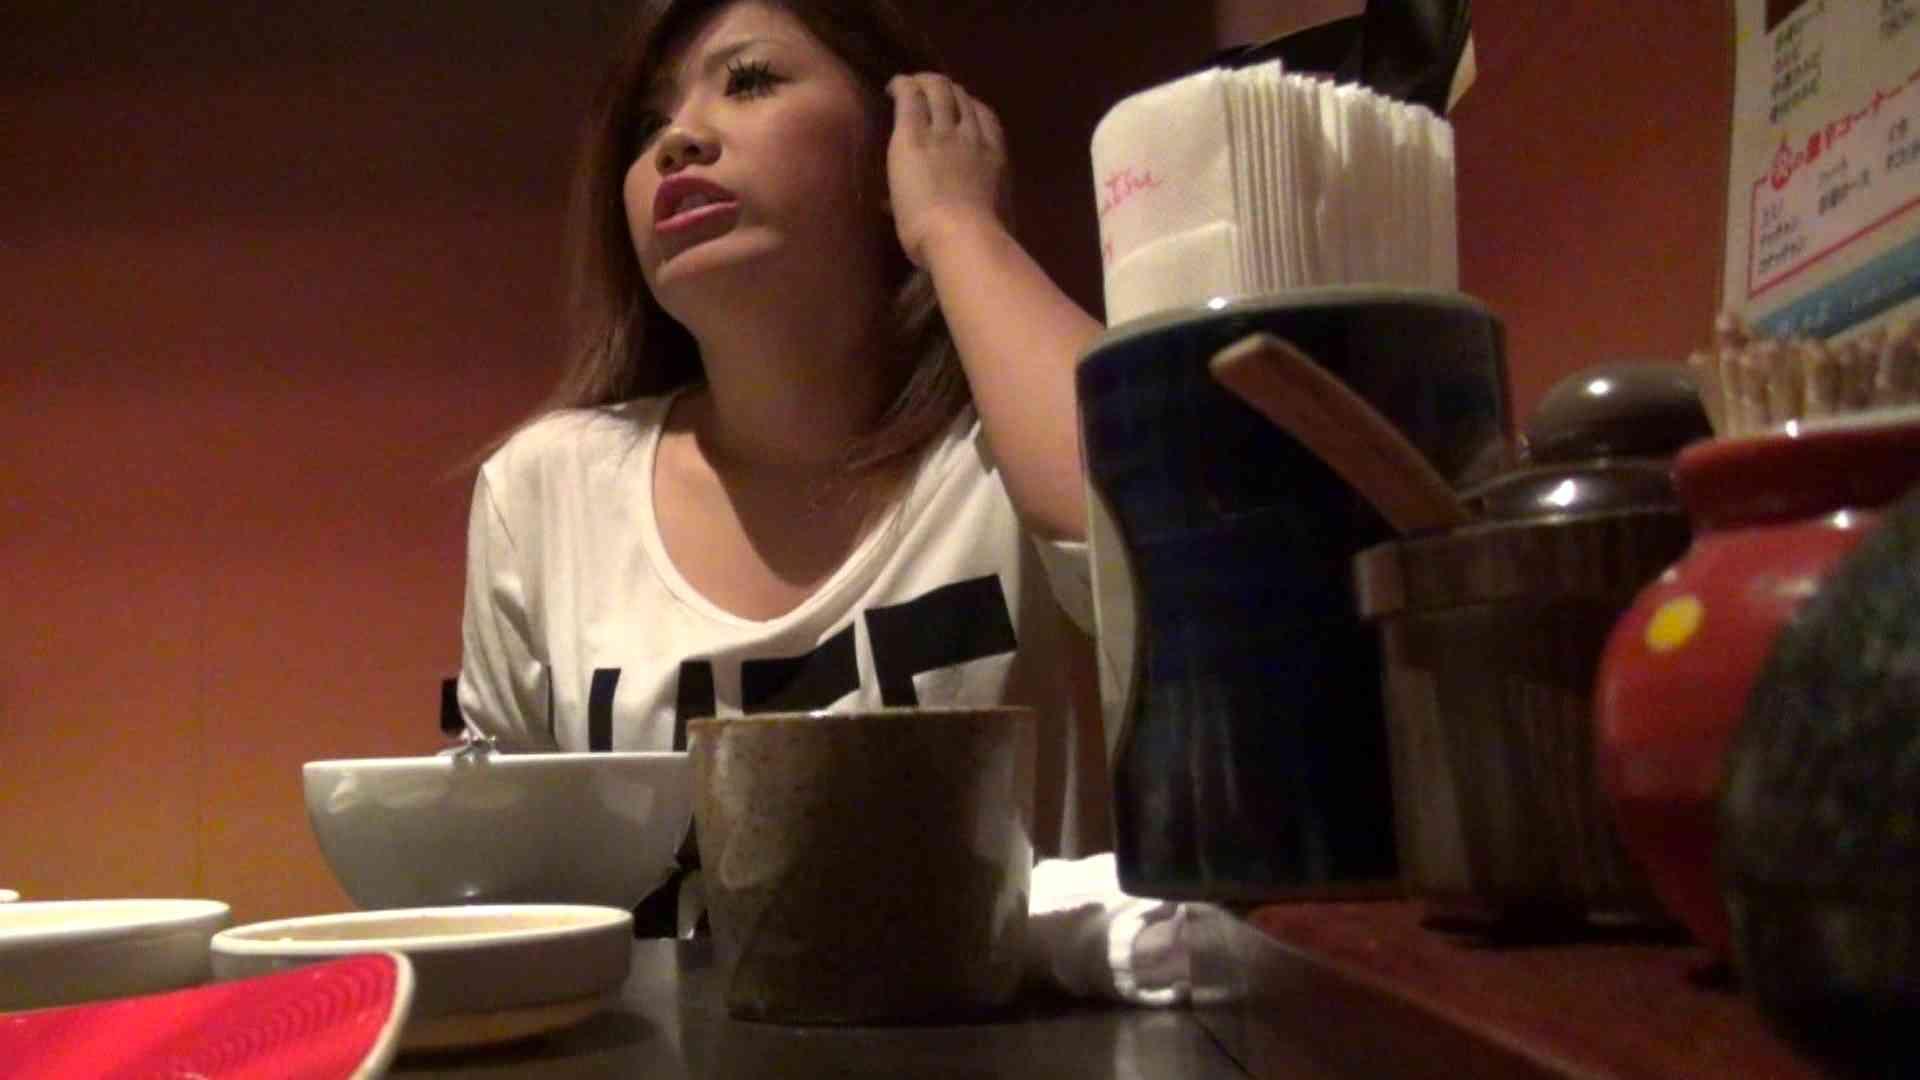 【出会い01】大助さんMちゃんと食事会 友人 | 悪戯  74連発 56